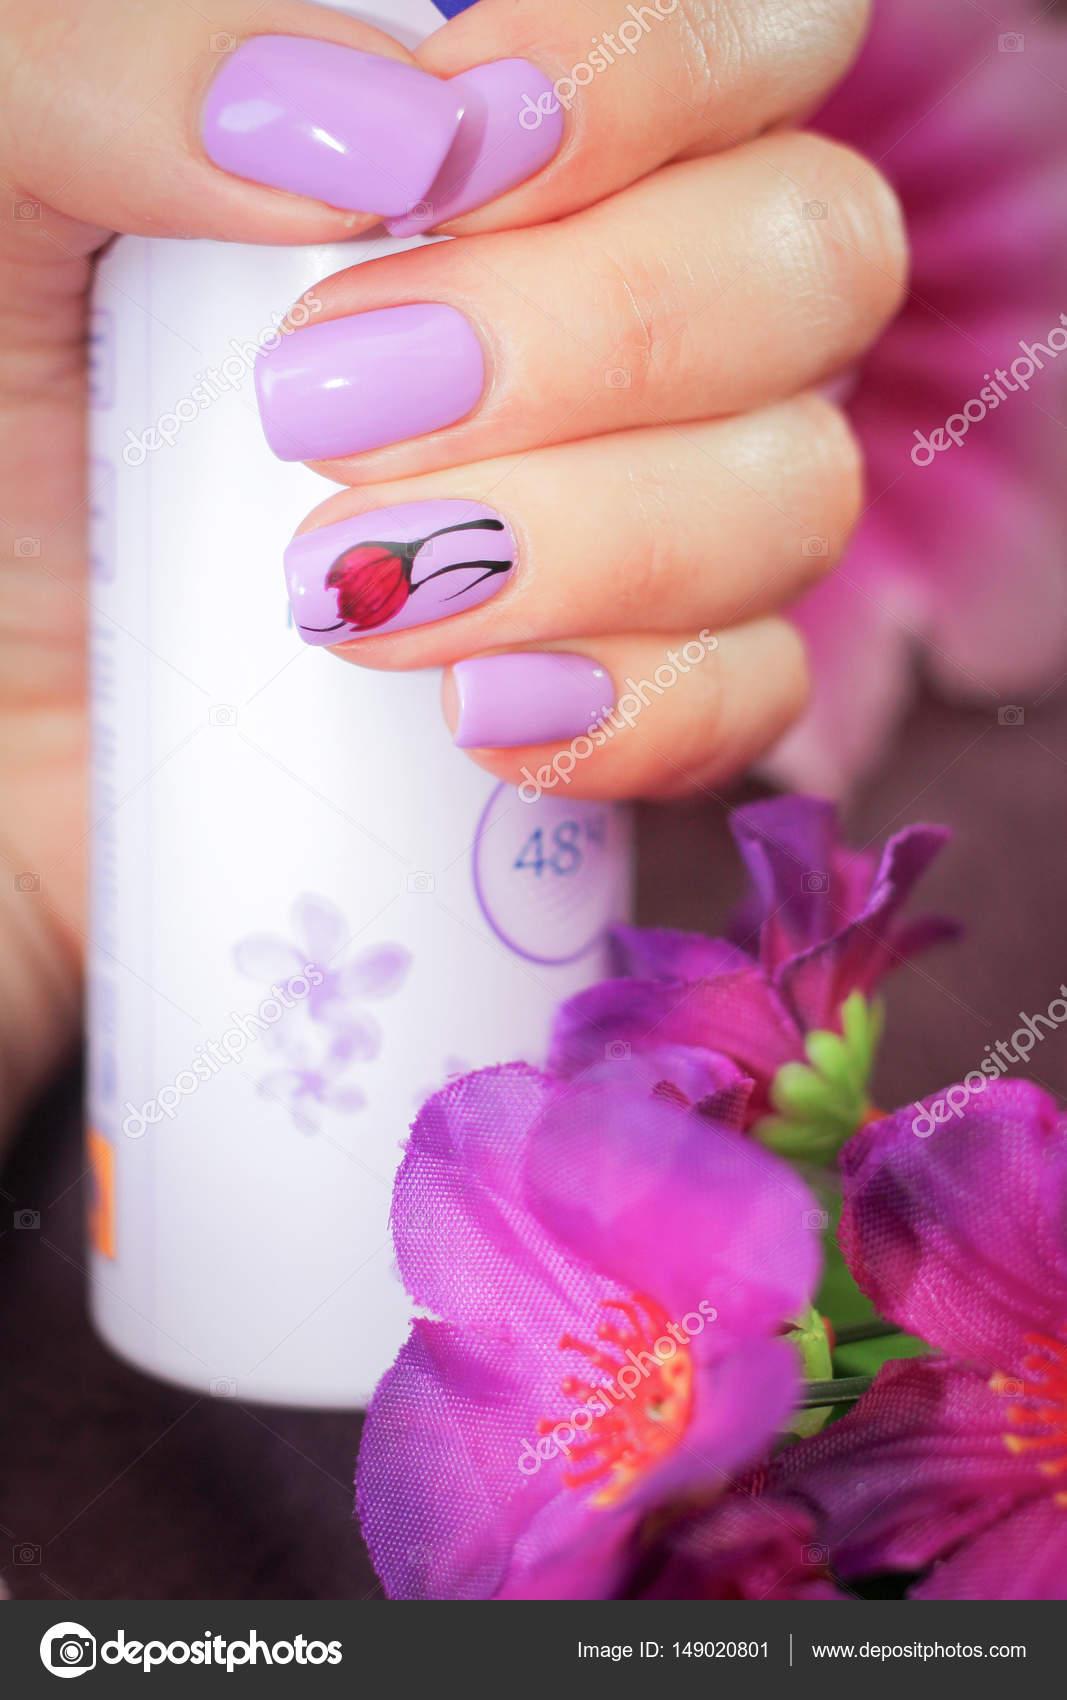 Das Design der Nägel Frühling Stil in der hand eine Dose deodorant ...